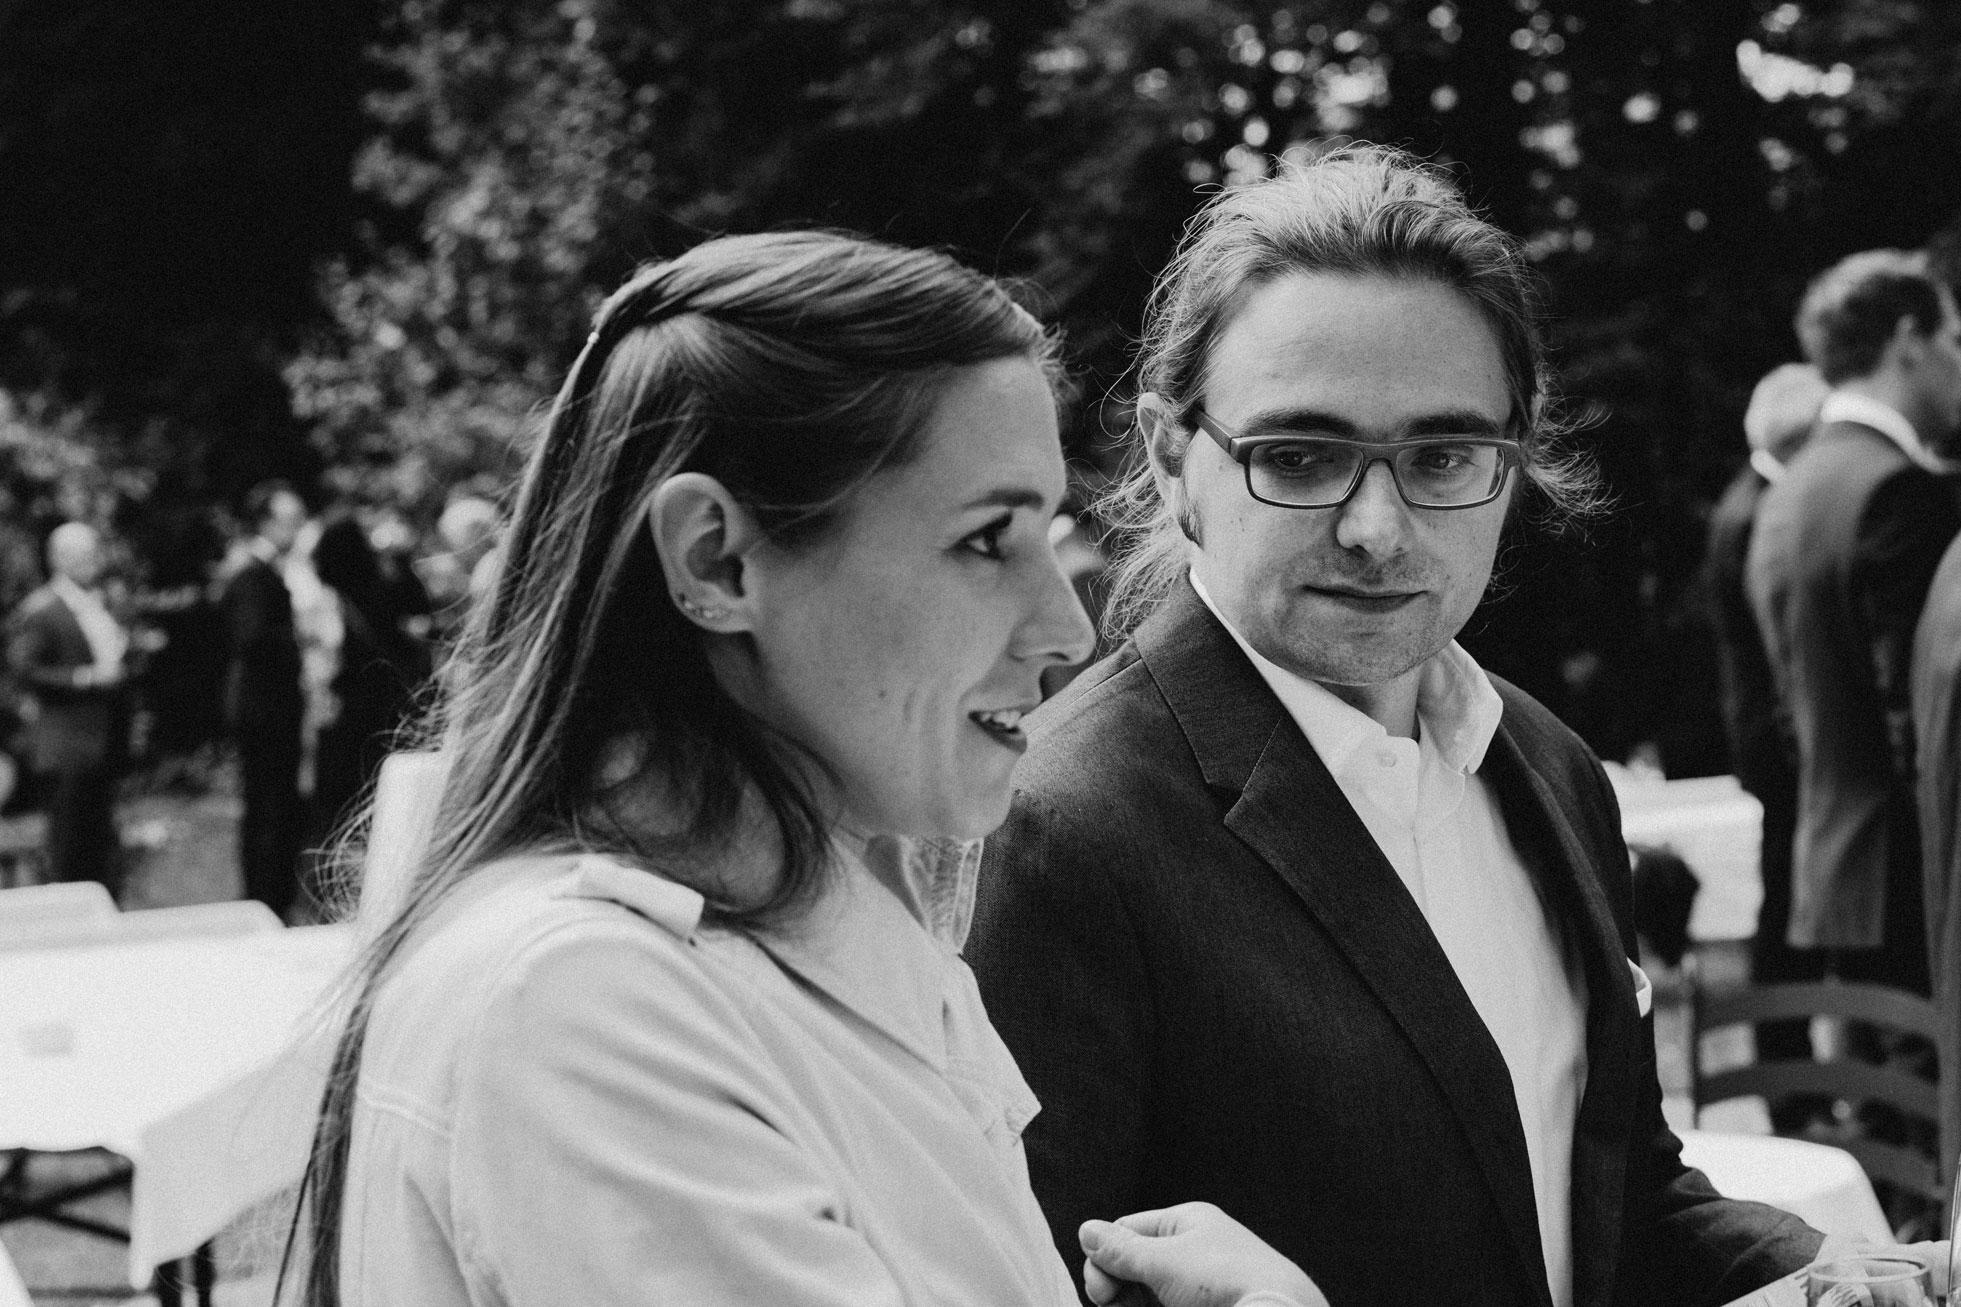 Hochzeit_Claire_Manuel_Villa_Maund_Daniel_Jenny-313.jpg